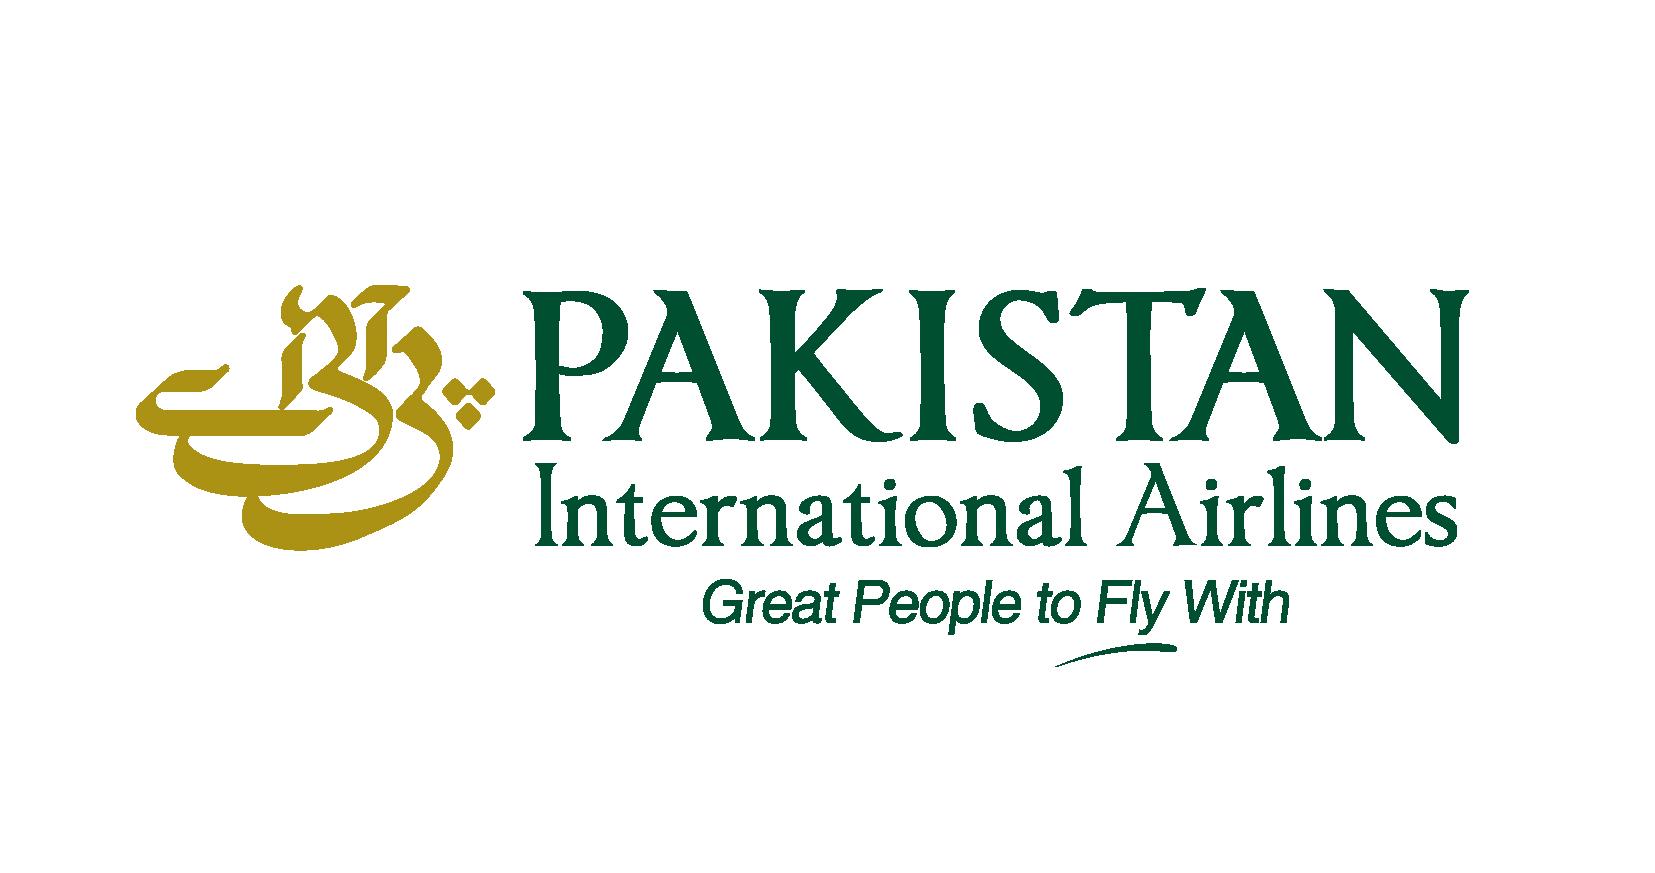 Réserver un billet d'avion Pakistan International Airlines par téléphone